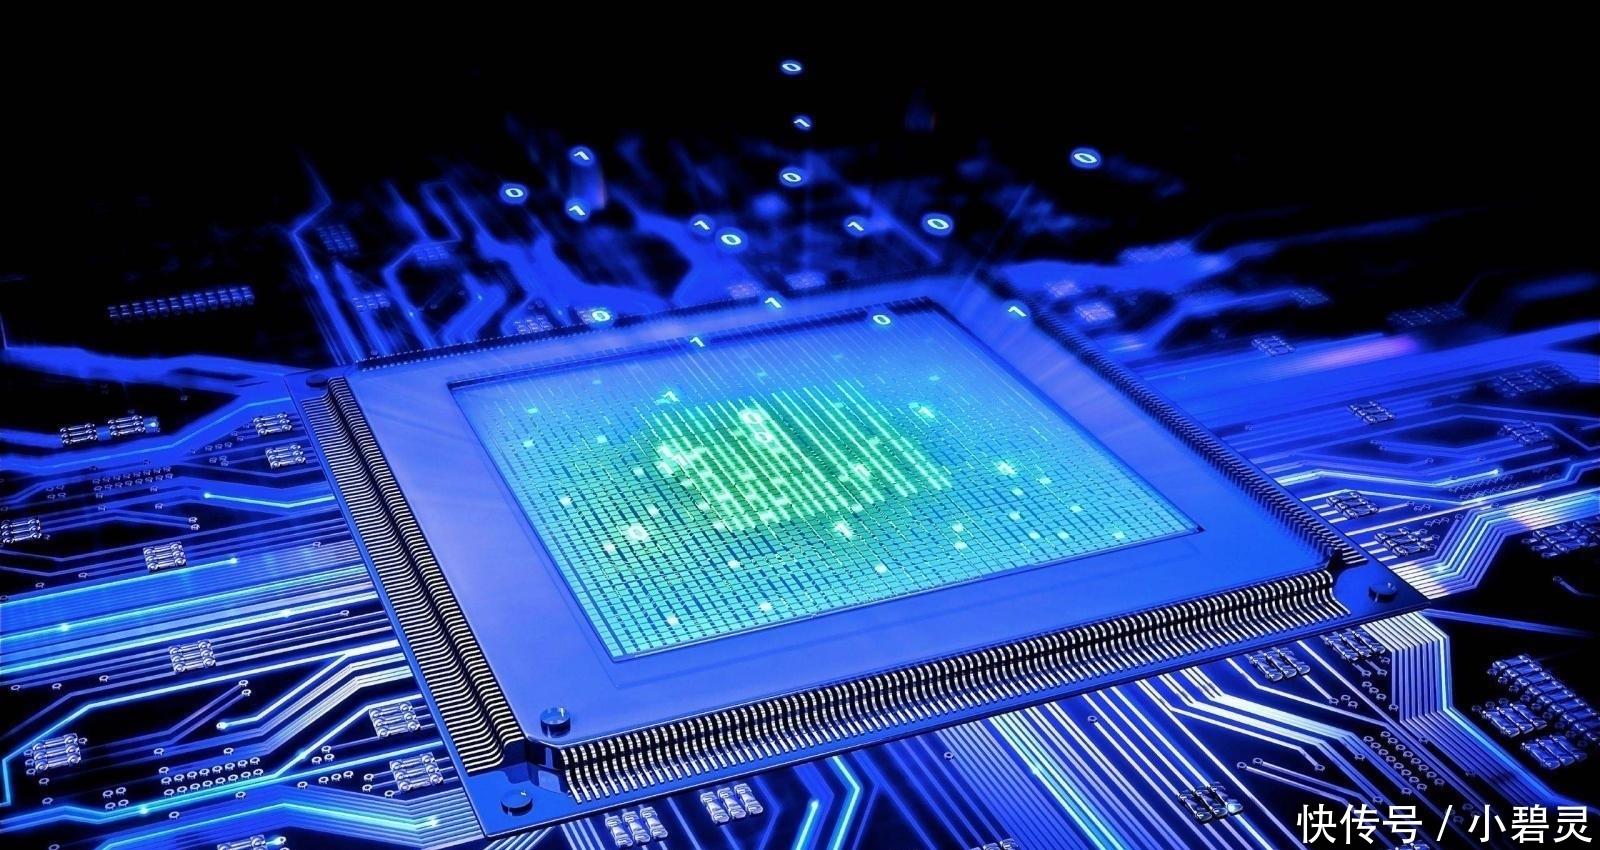 台积电叛将立大功,中国大陆最先进芯片厂迎来尖端技术突破